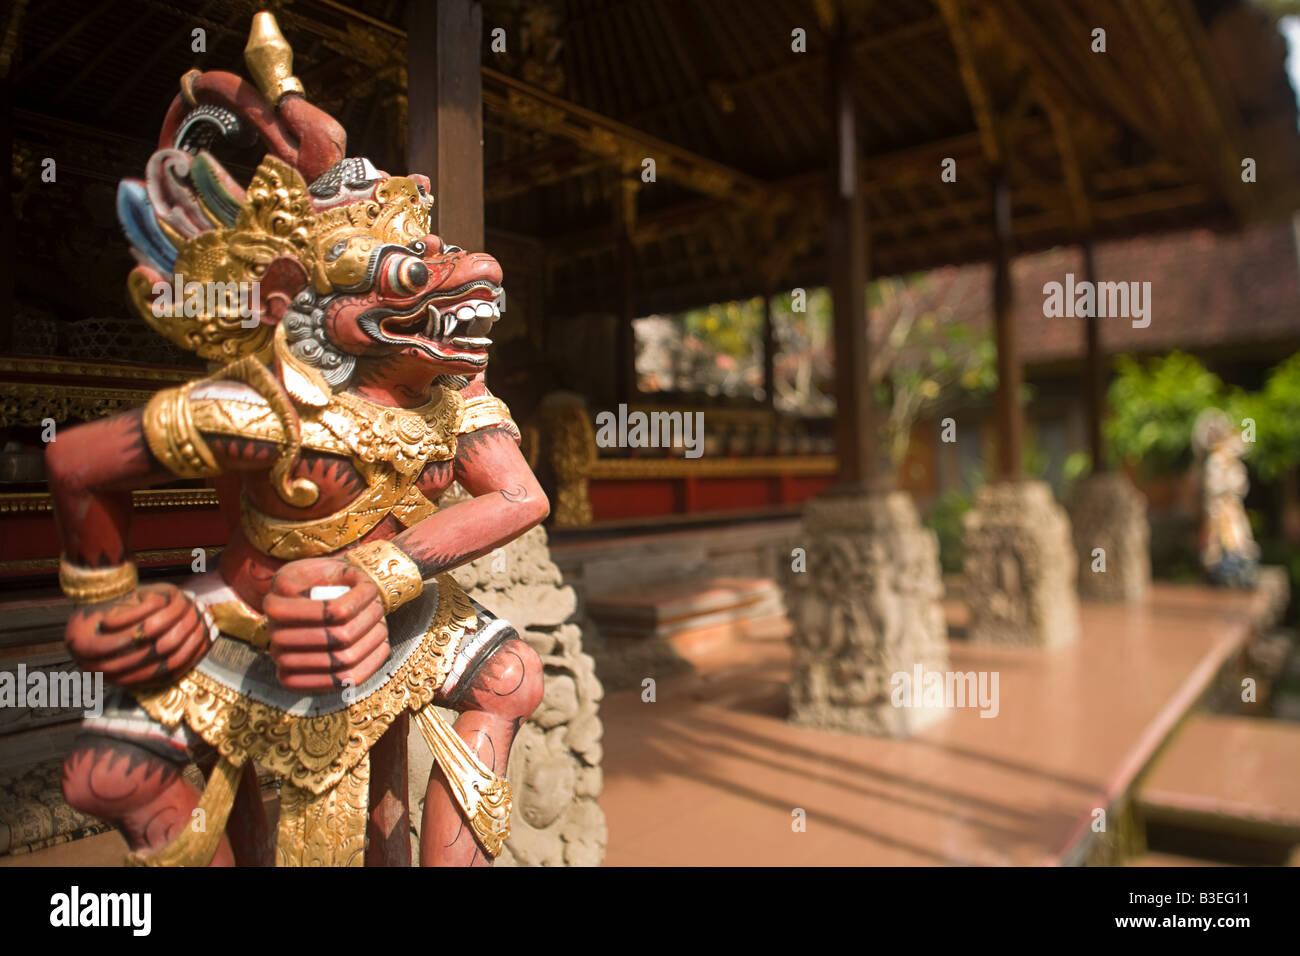 Statue at ubud palace - Stock Image